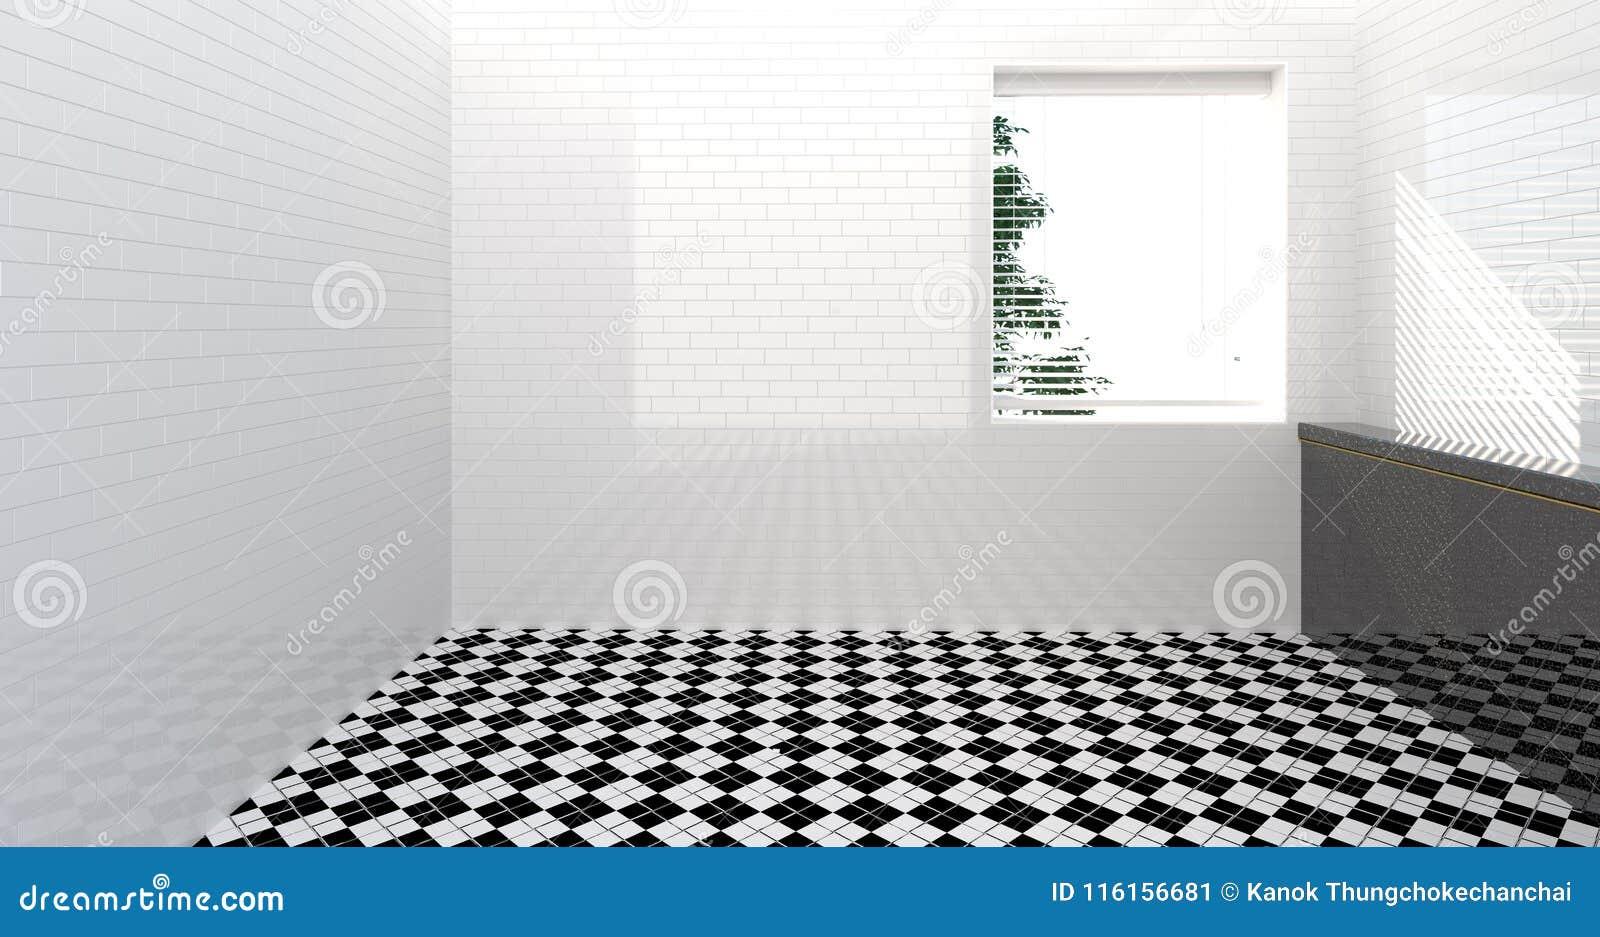 空的洗手间,阵雨,卫生间内部,阵雨,拷贝空间的室白色墙壁3d例证家现代卫生间水槽背景